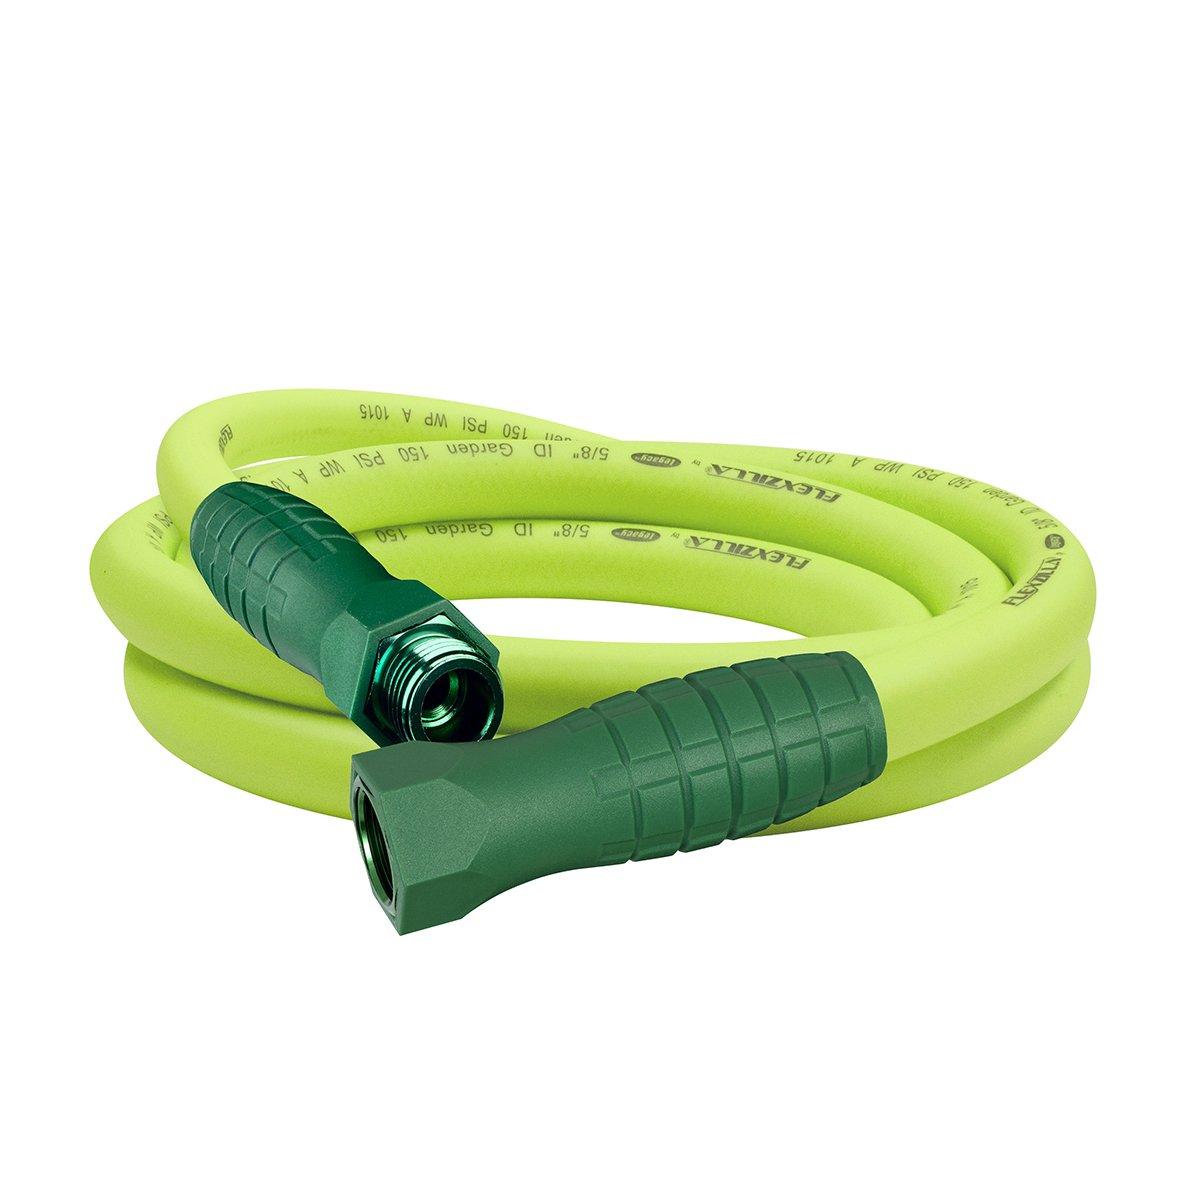 Flexzilla Garden Lead-in Hose with SwivelGrip, 5/8 in. x 10 ft, Heavy Duty, Lightweight, Drinking Water Safe - HFZG510YWS